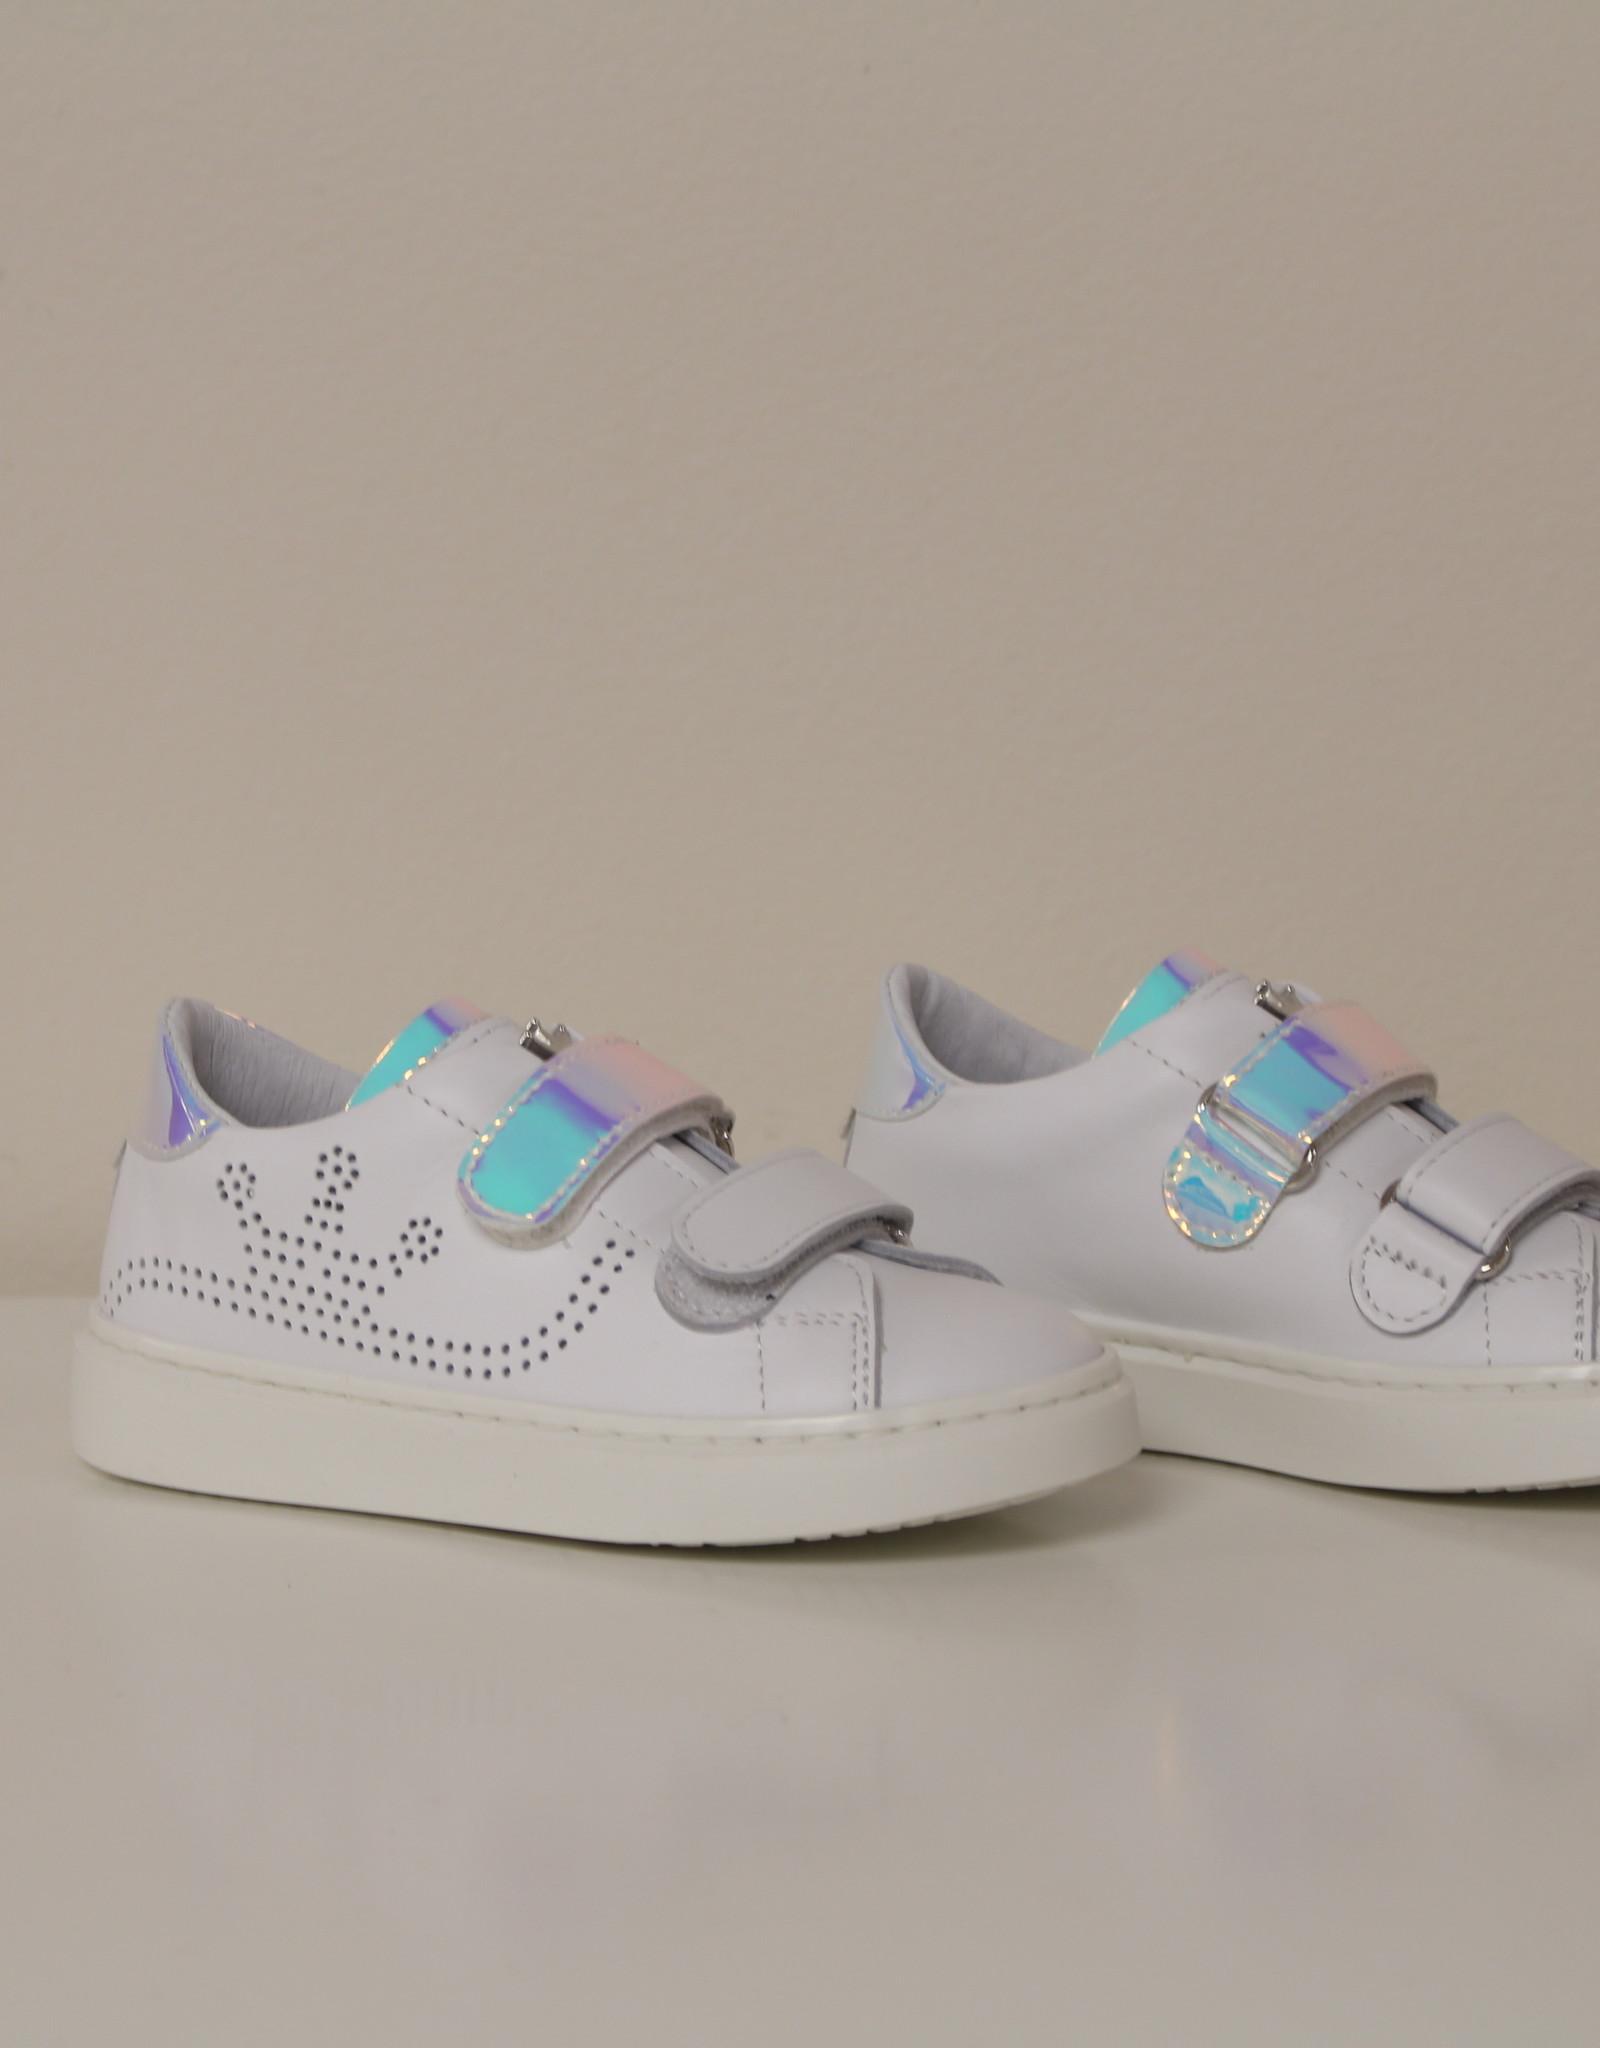 Banaline witte sneaker met velcro in ice blue